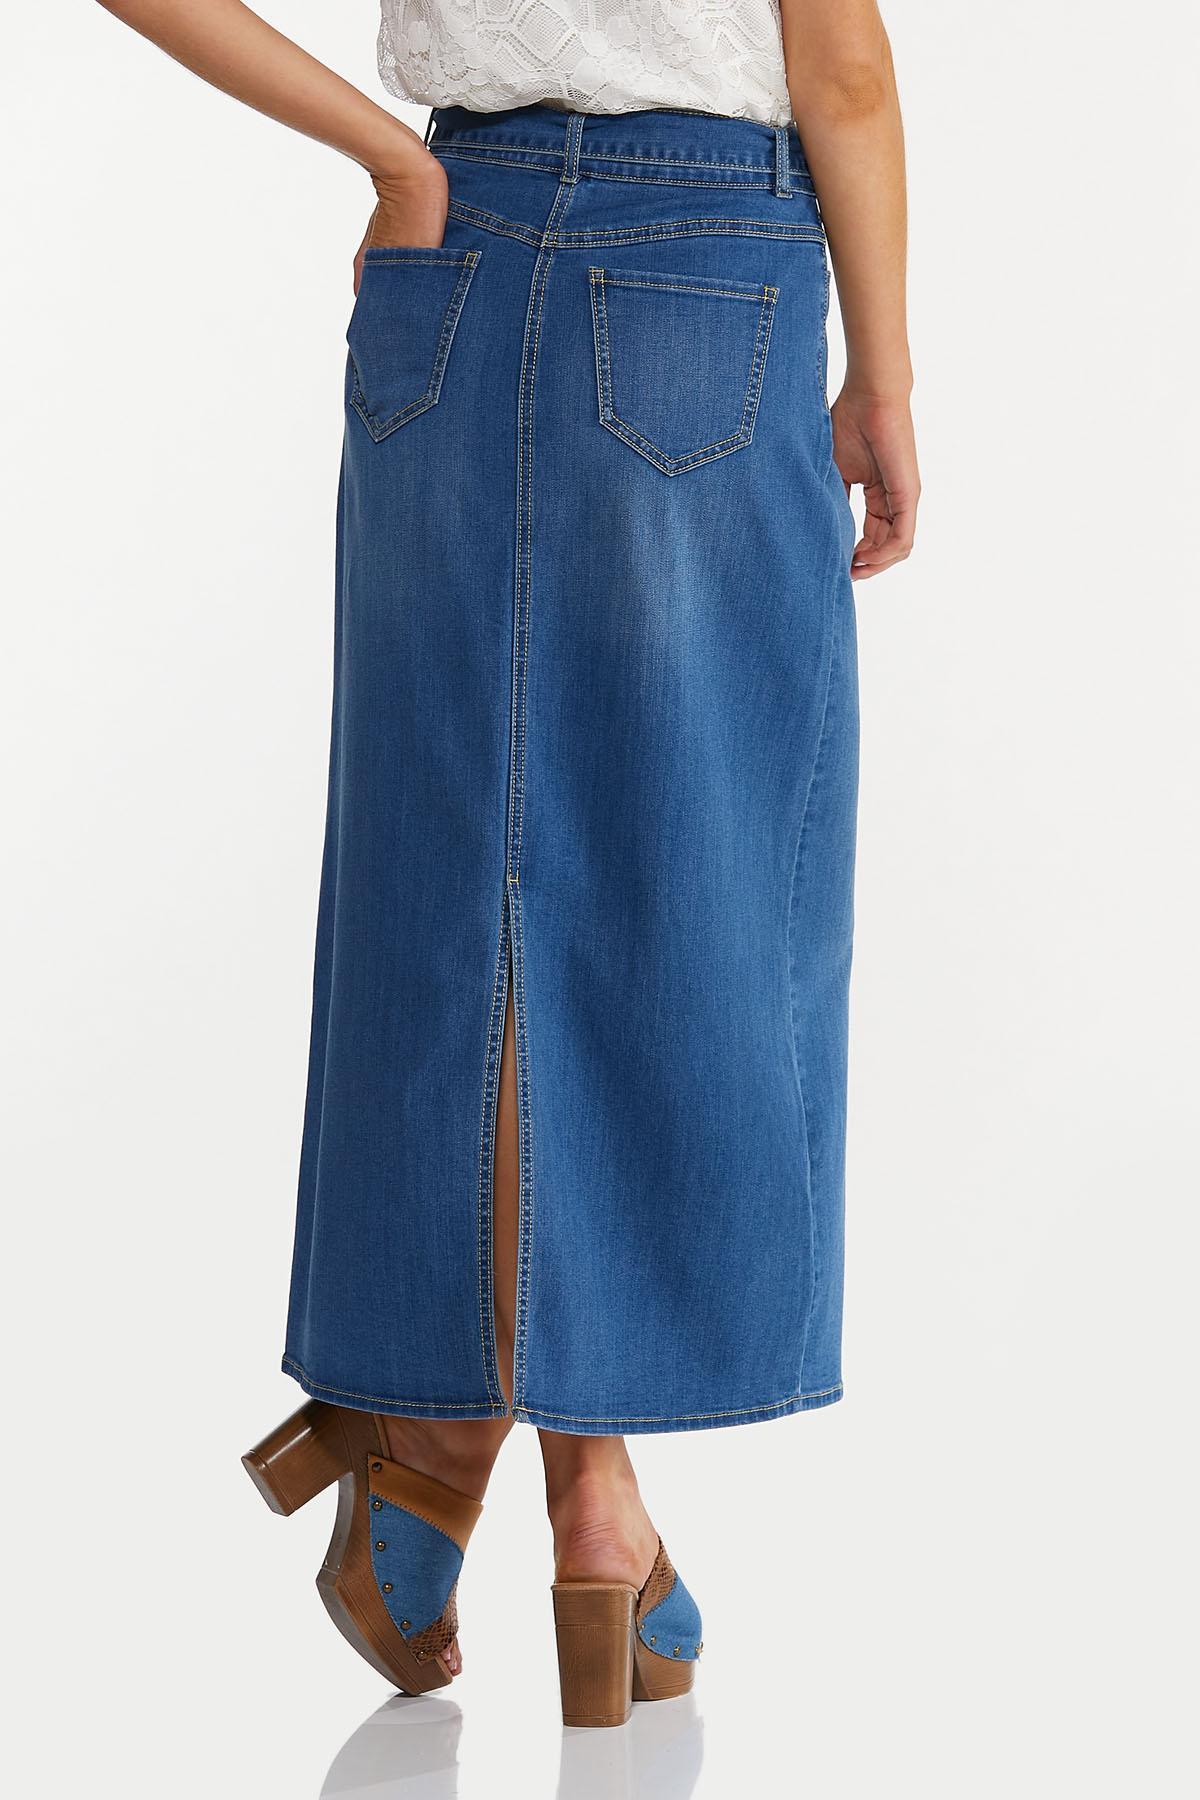 Denim Tie Waist Maxi Skirt (Item #44639991)